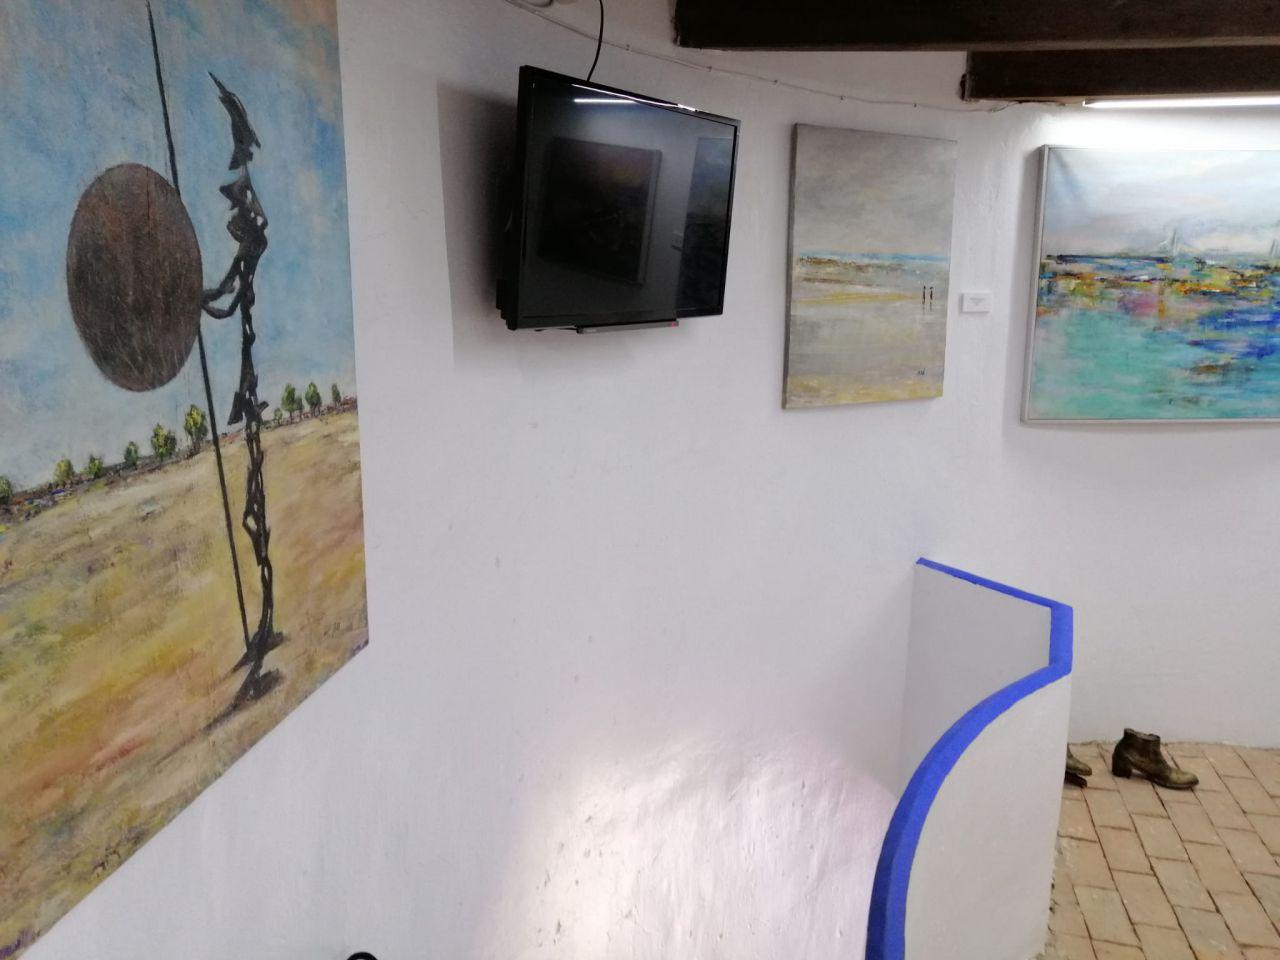 Exposición Caminando, de María José Bro Valero.